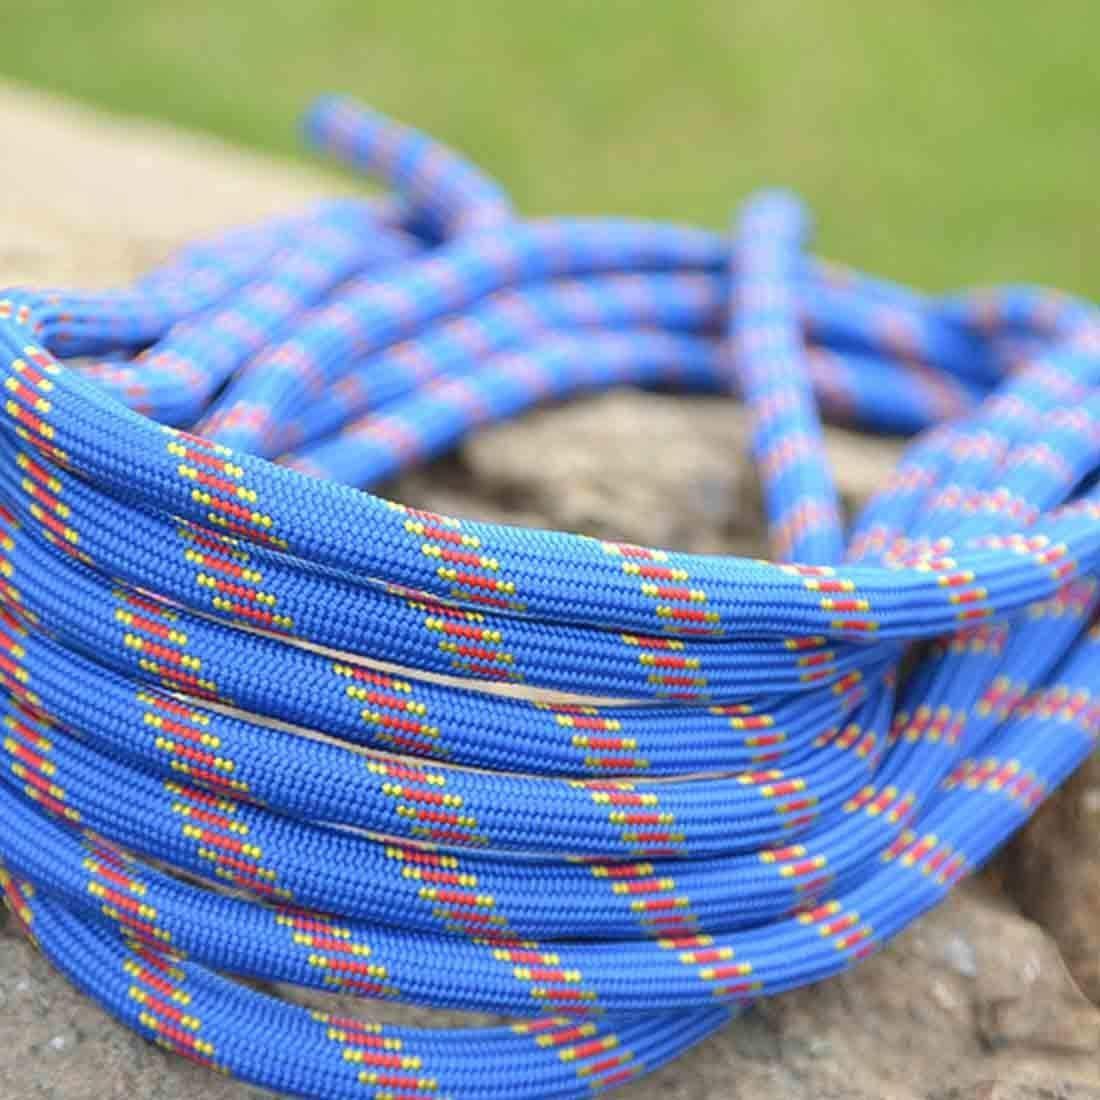 JLYLY Escalada Cuerda de Escalada Cuerda Auxiliar Cuerda ...